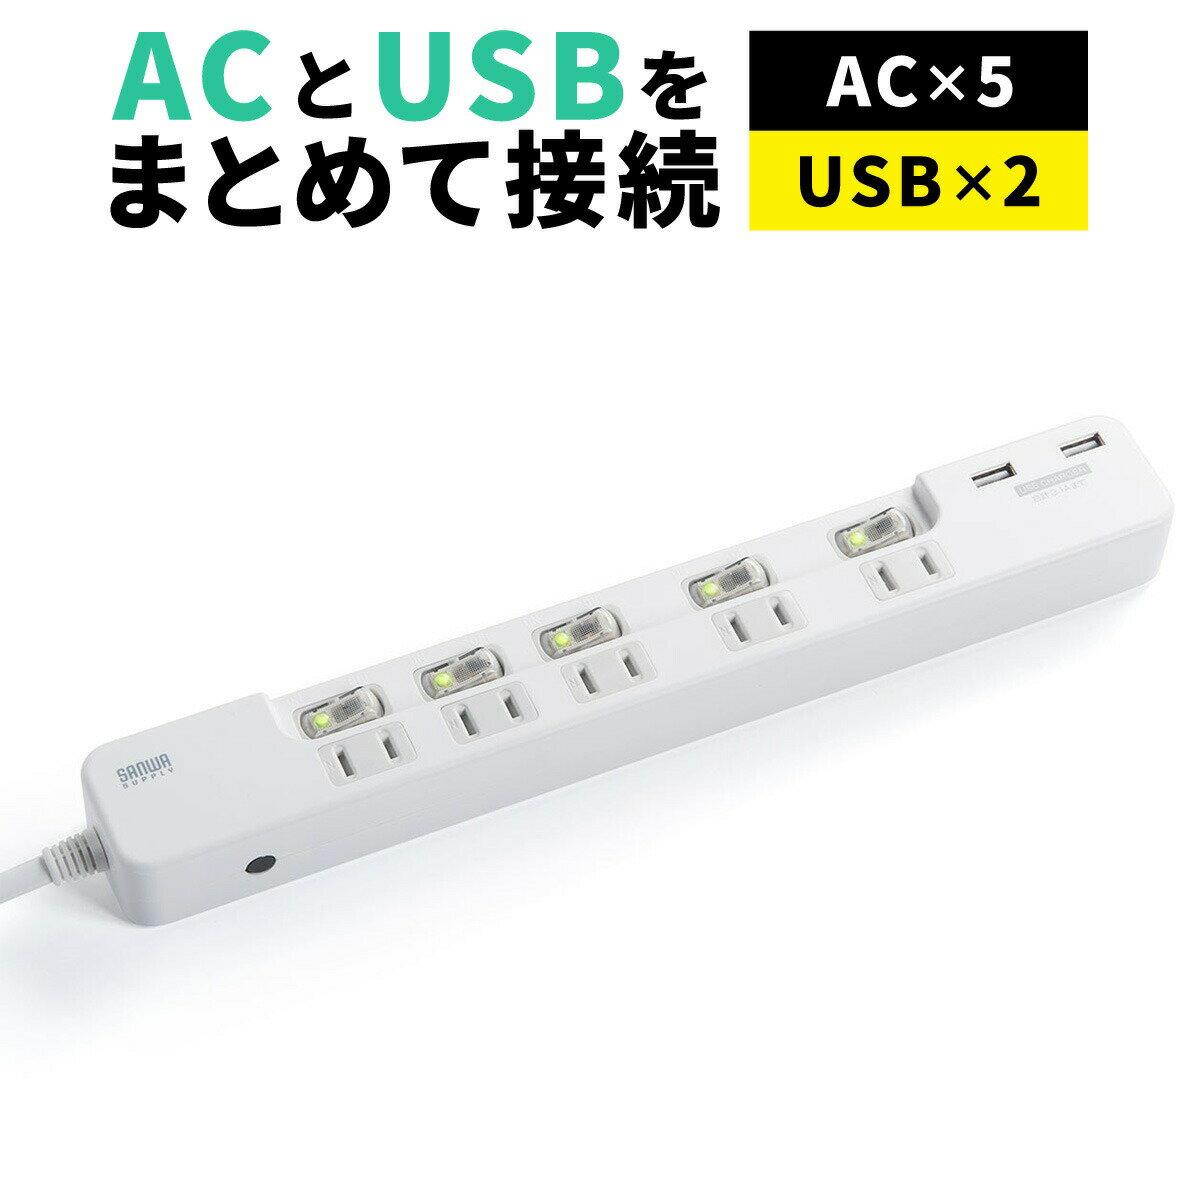 電源タップ USB充電ポート付 最大3.1Aまで・1500W 2m 5個口 2極 2P 個別スイッチ付 USBタップ 延長コード[700-TAP030]【サンワダイレクト限定品】